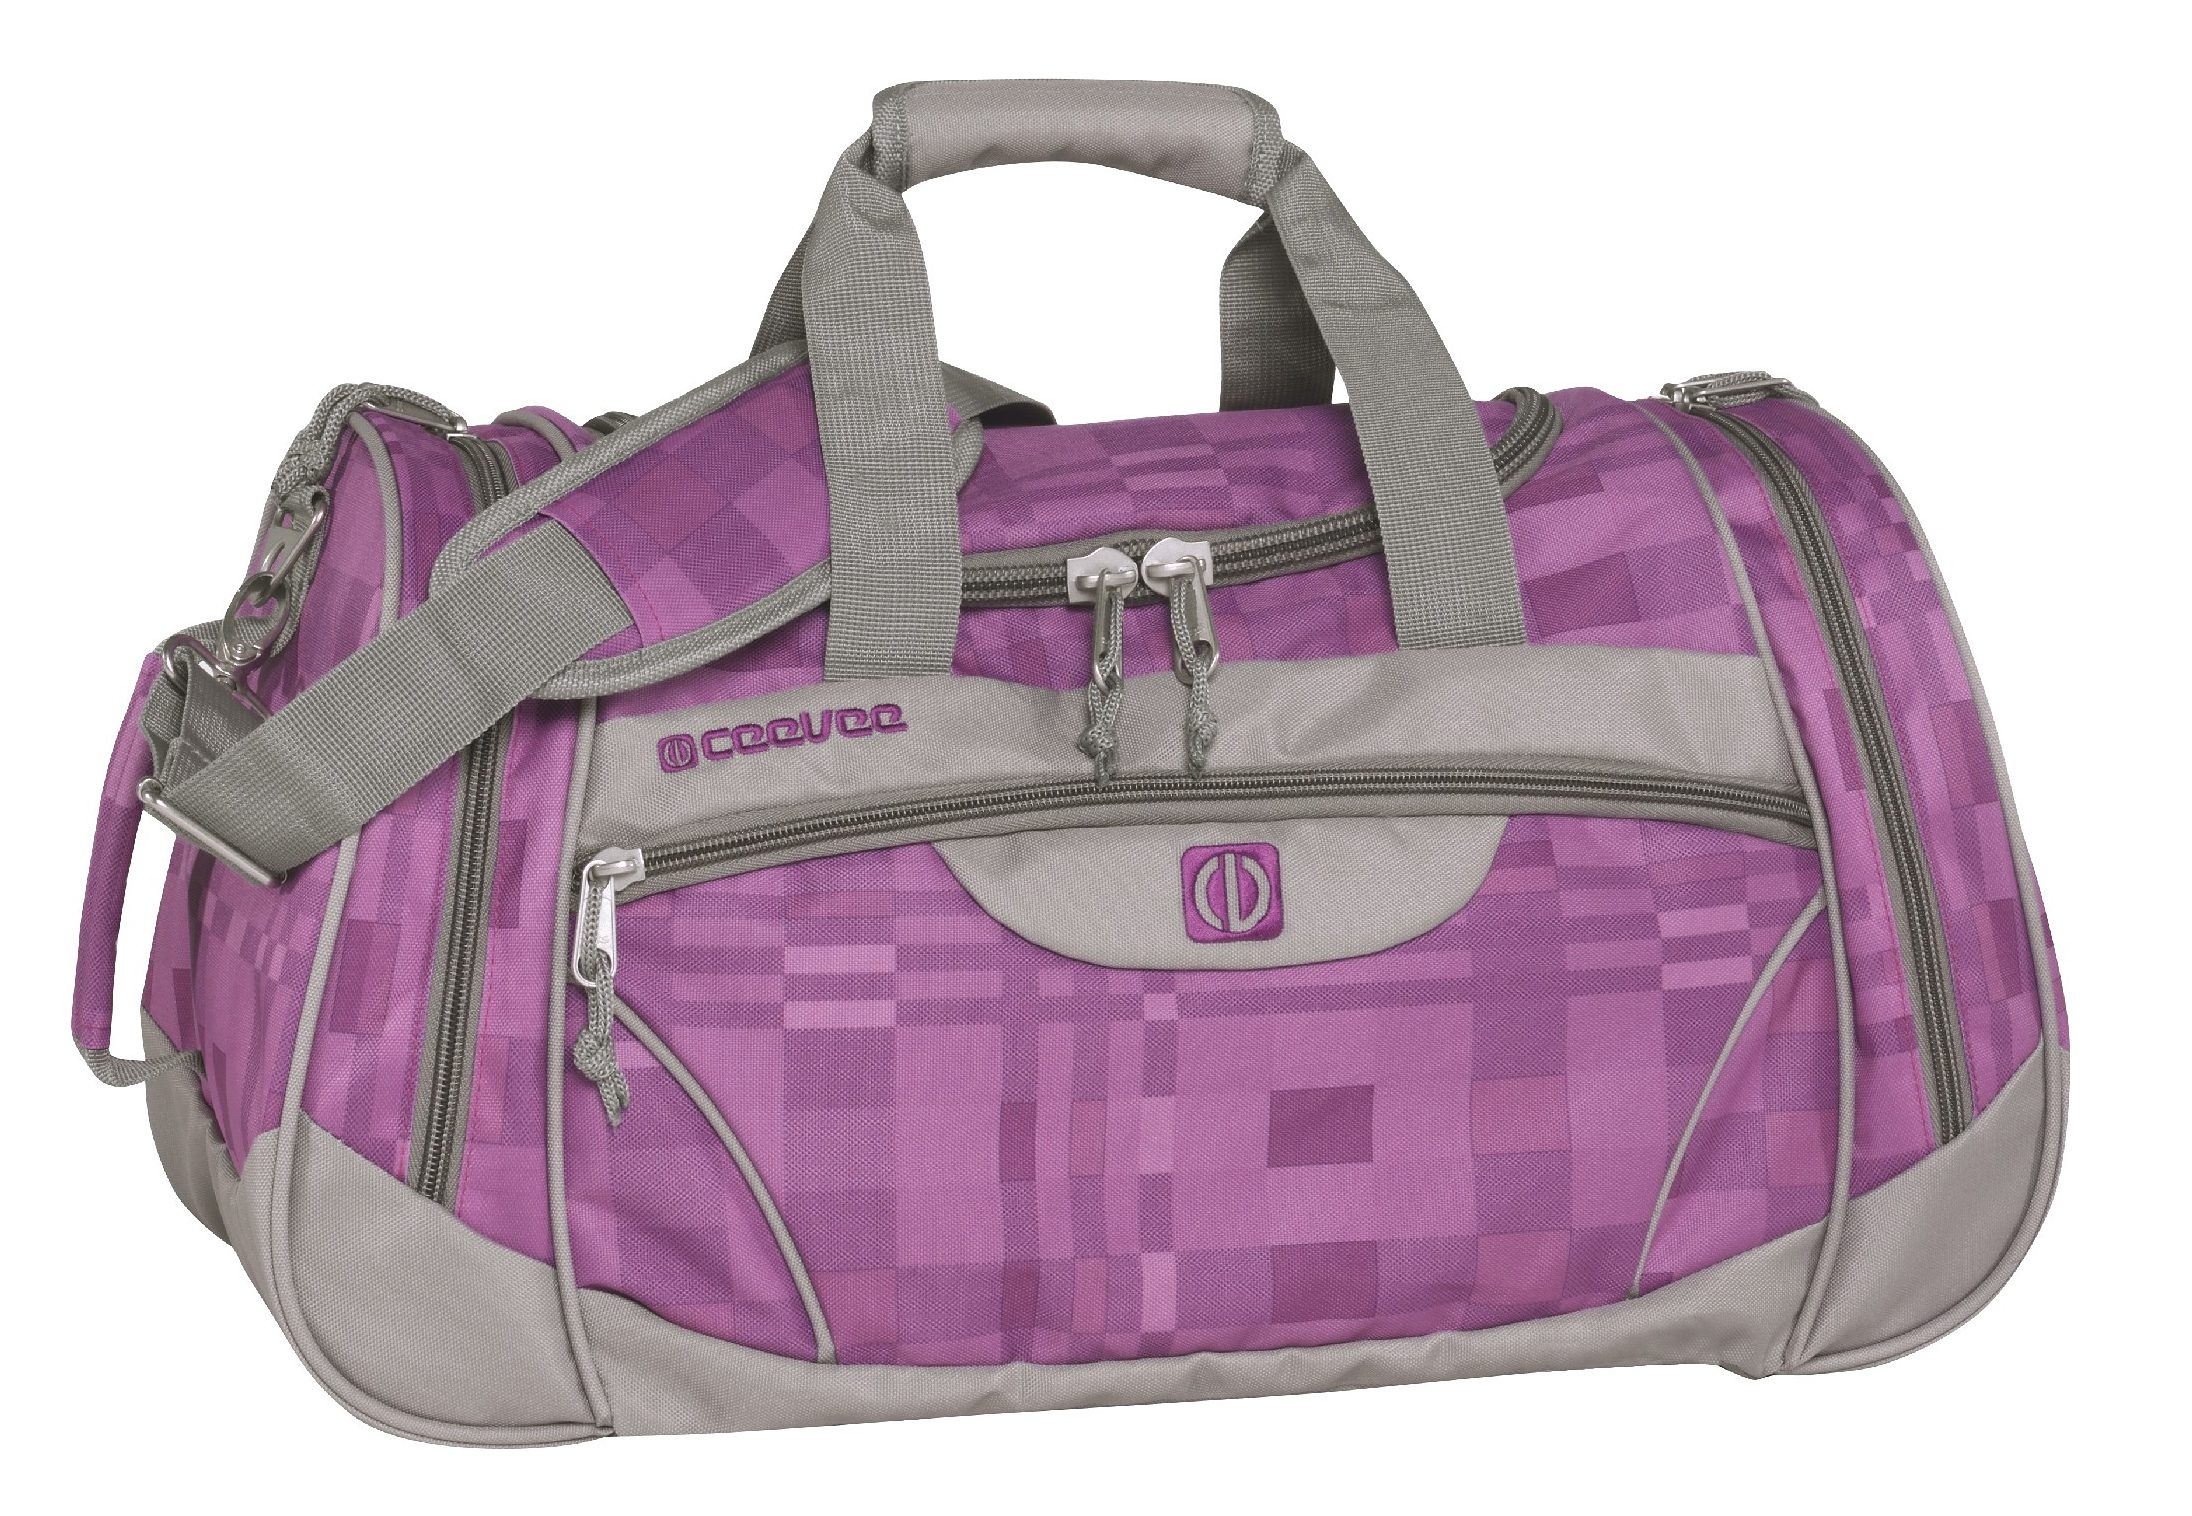 ceevee® Freizeit- und Reisetasche, »Liverpool, lila/grau«